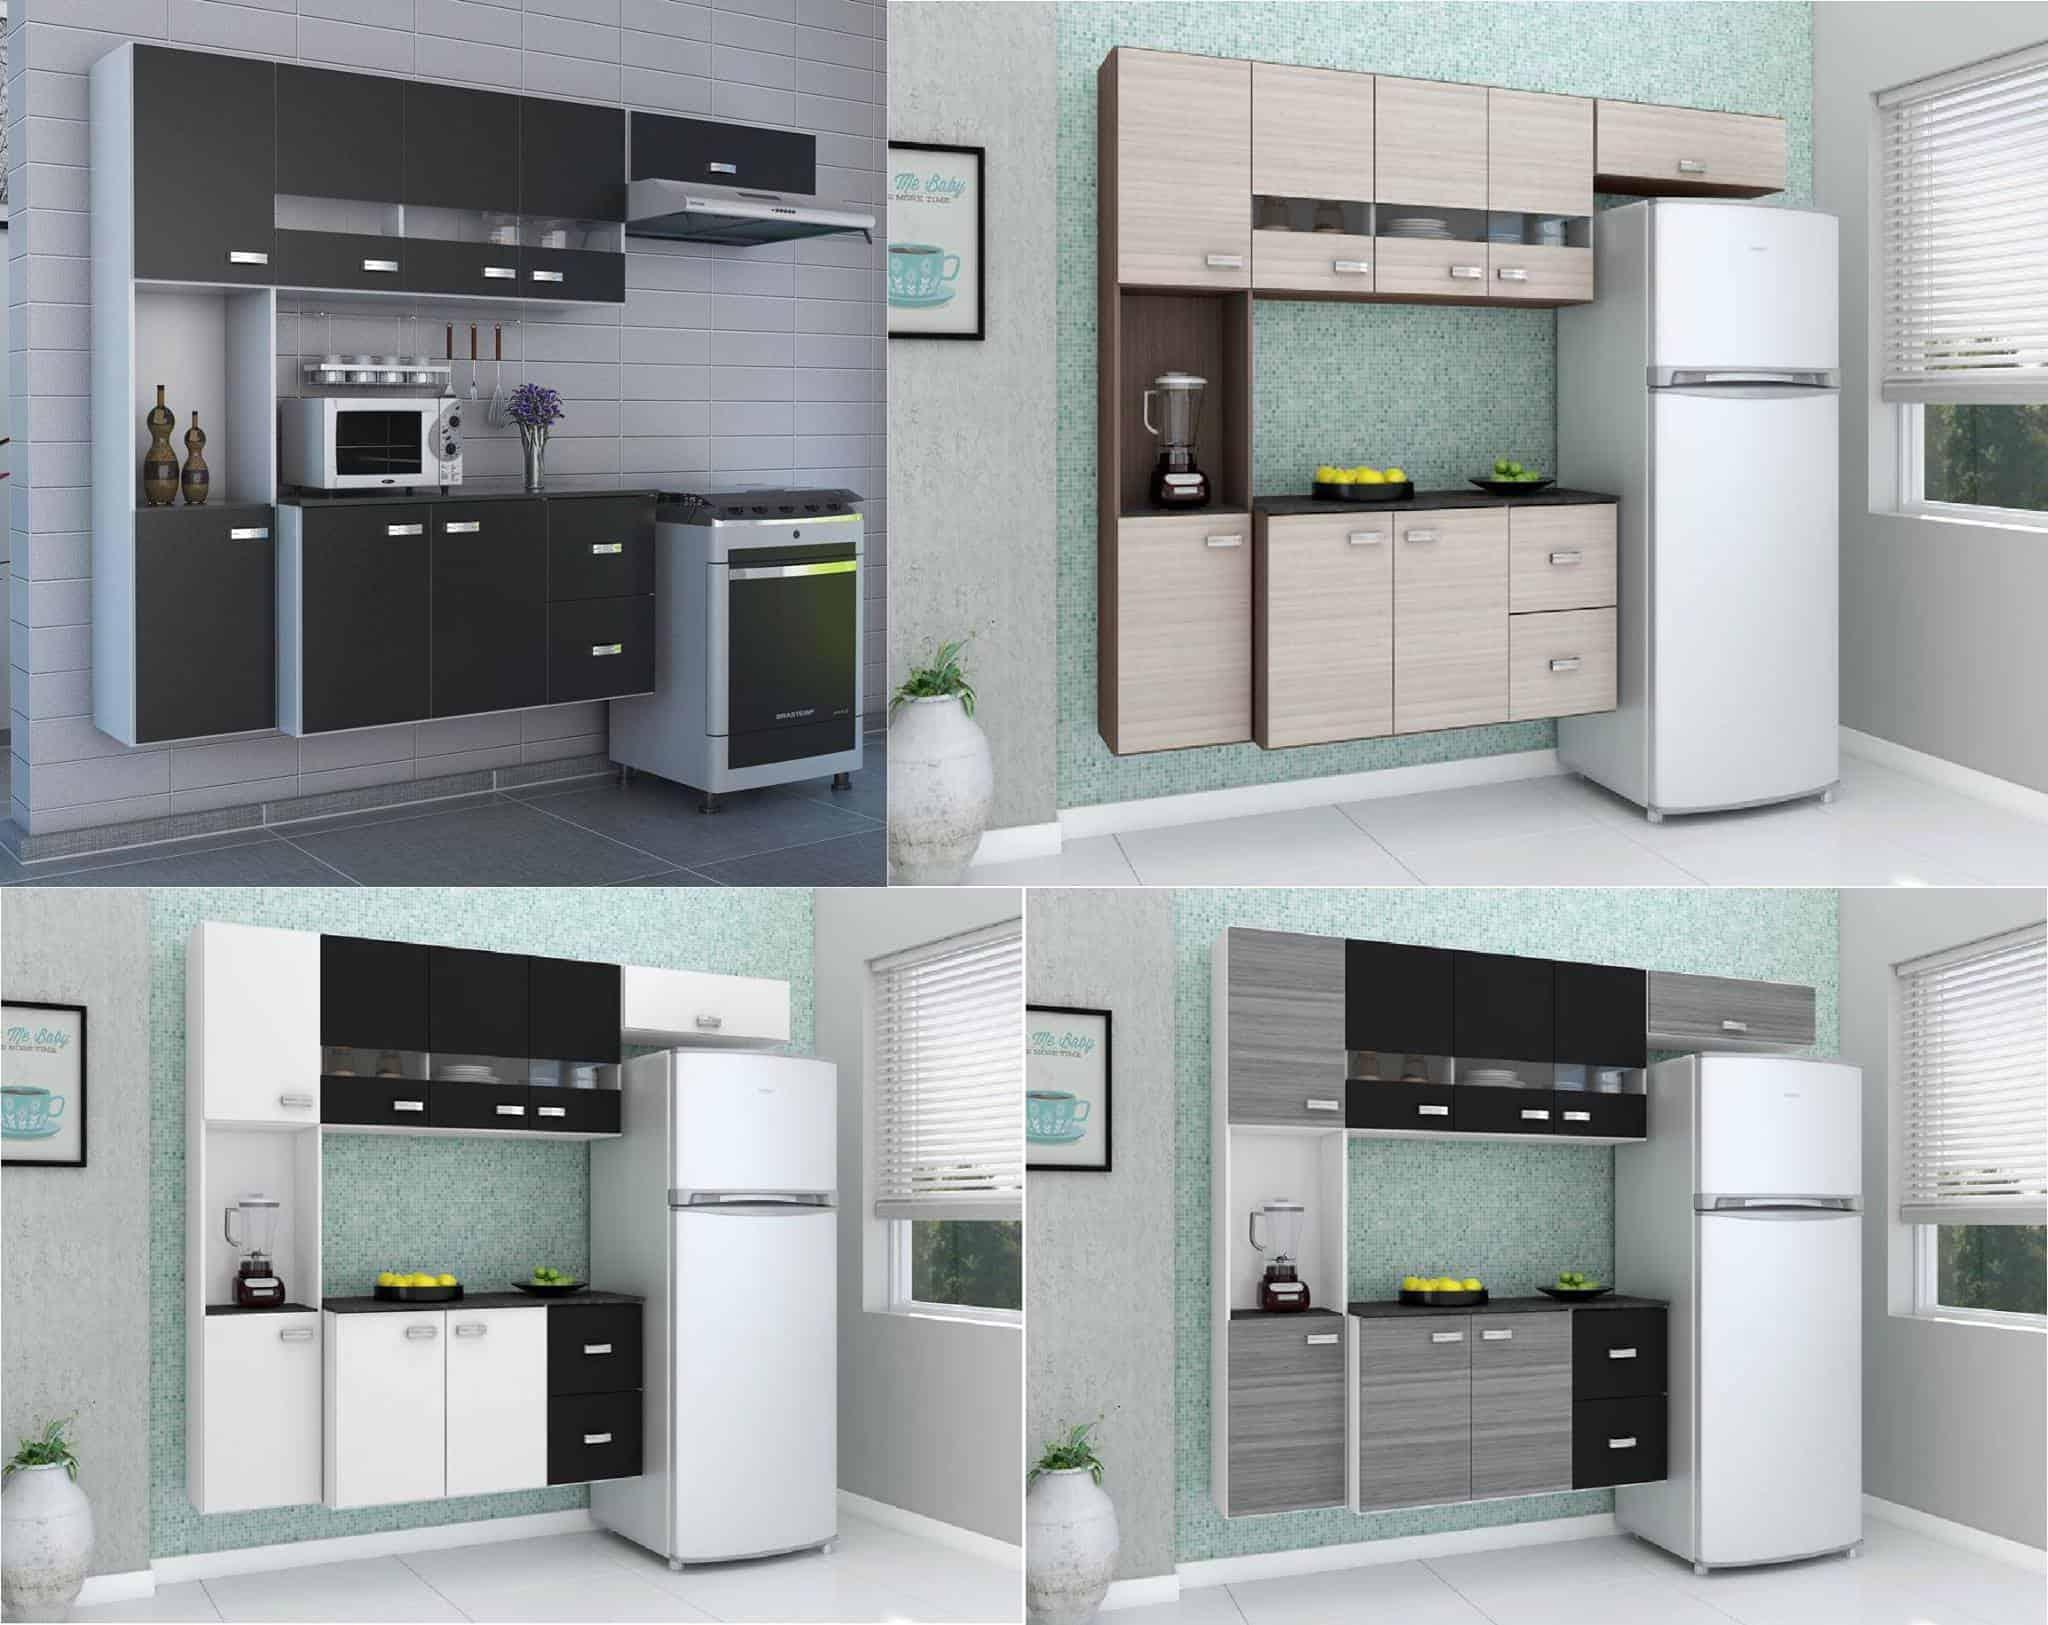 Cozinha Compacta Julia Composta Por 4 Pe As Com 2 Gavetas 8 Portas